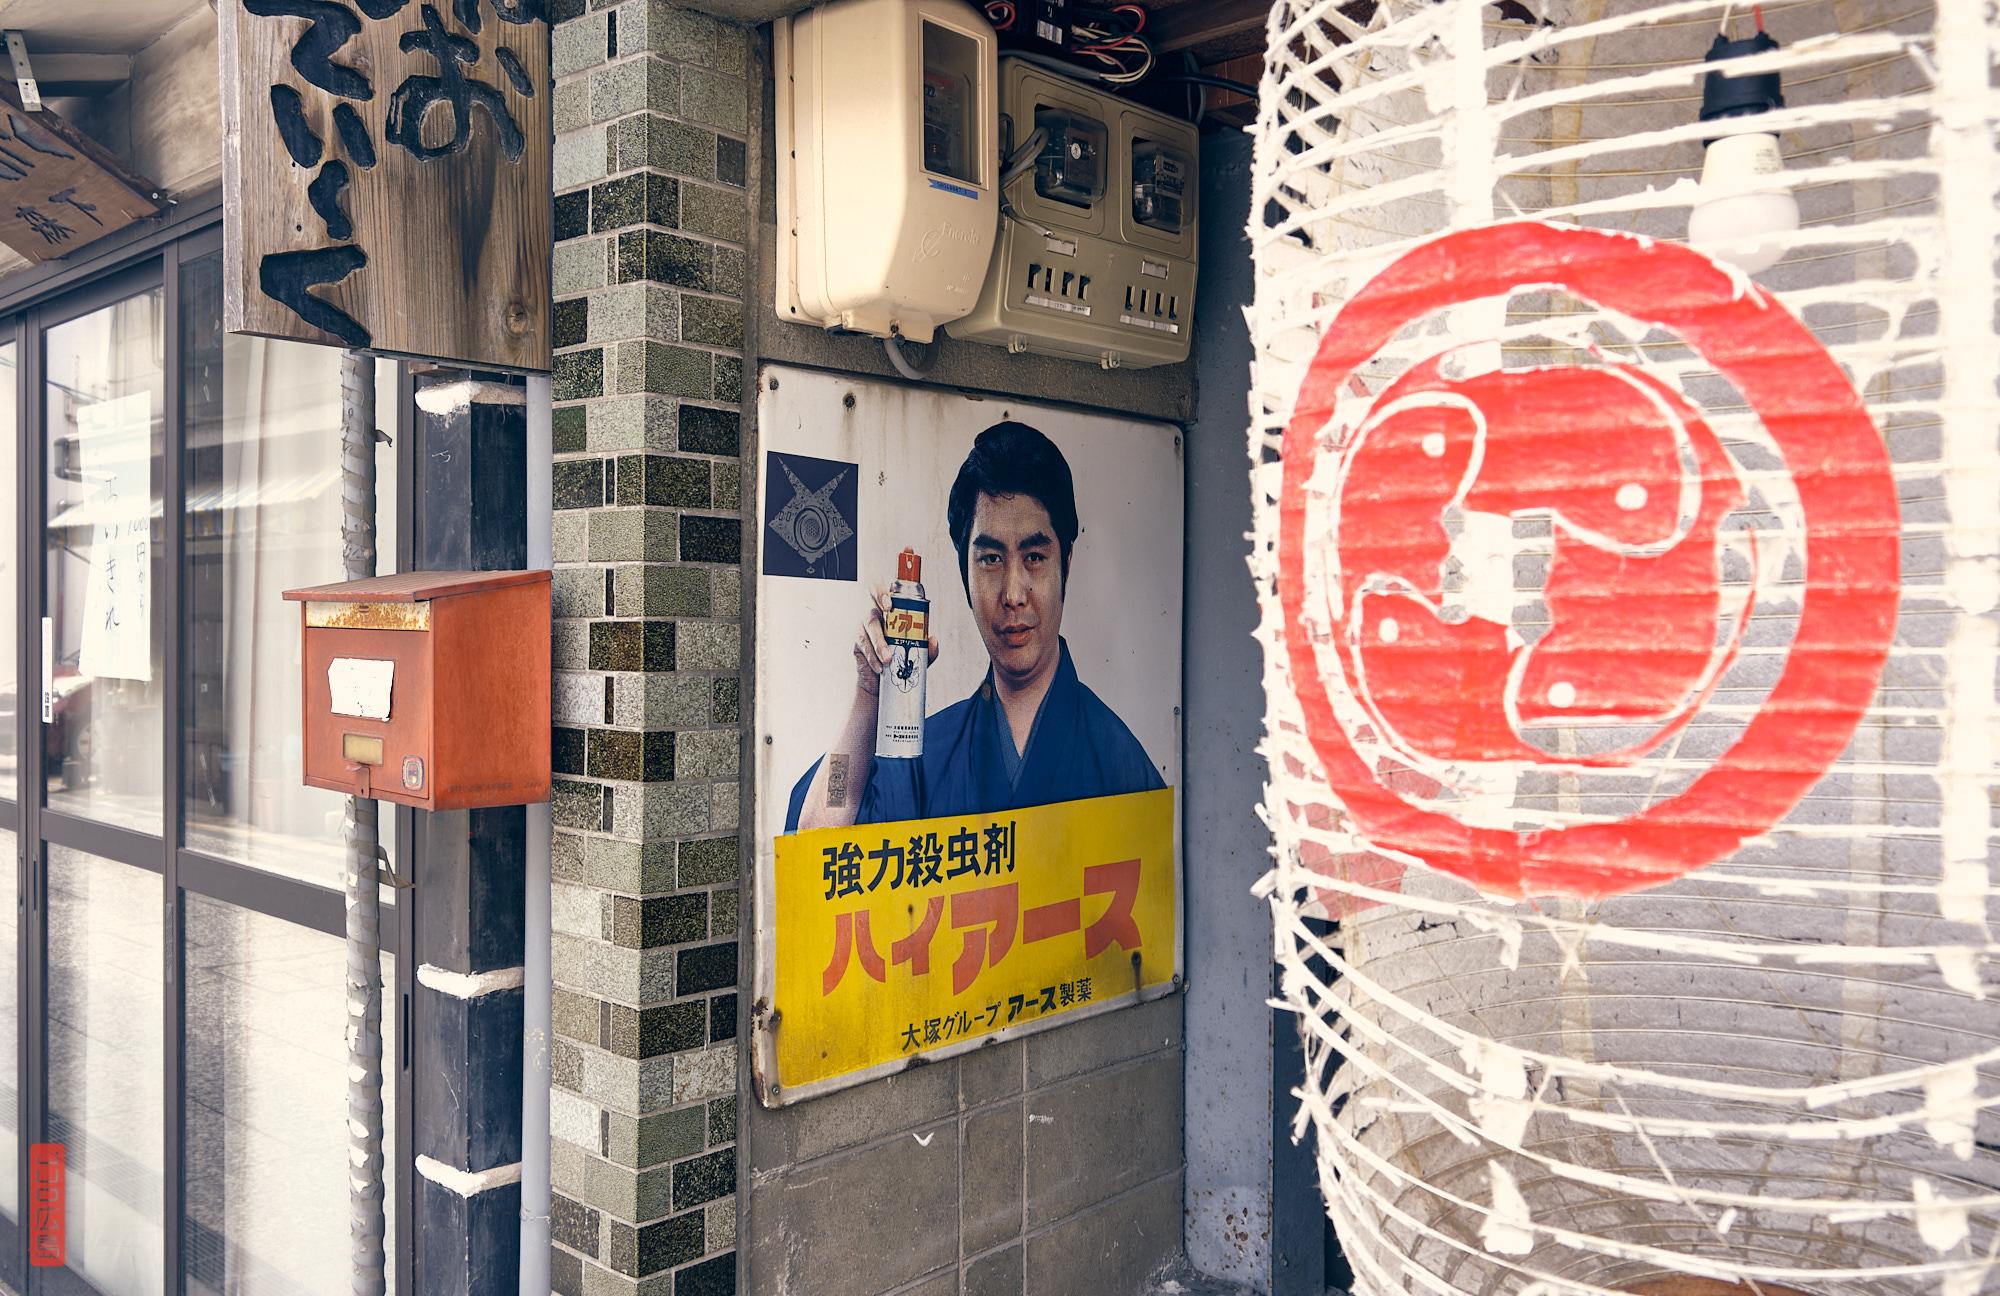 shotengai d'Onomichi, publicités rétro